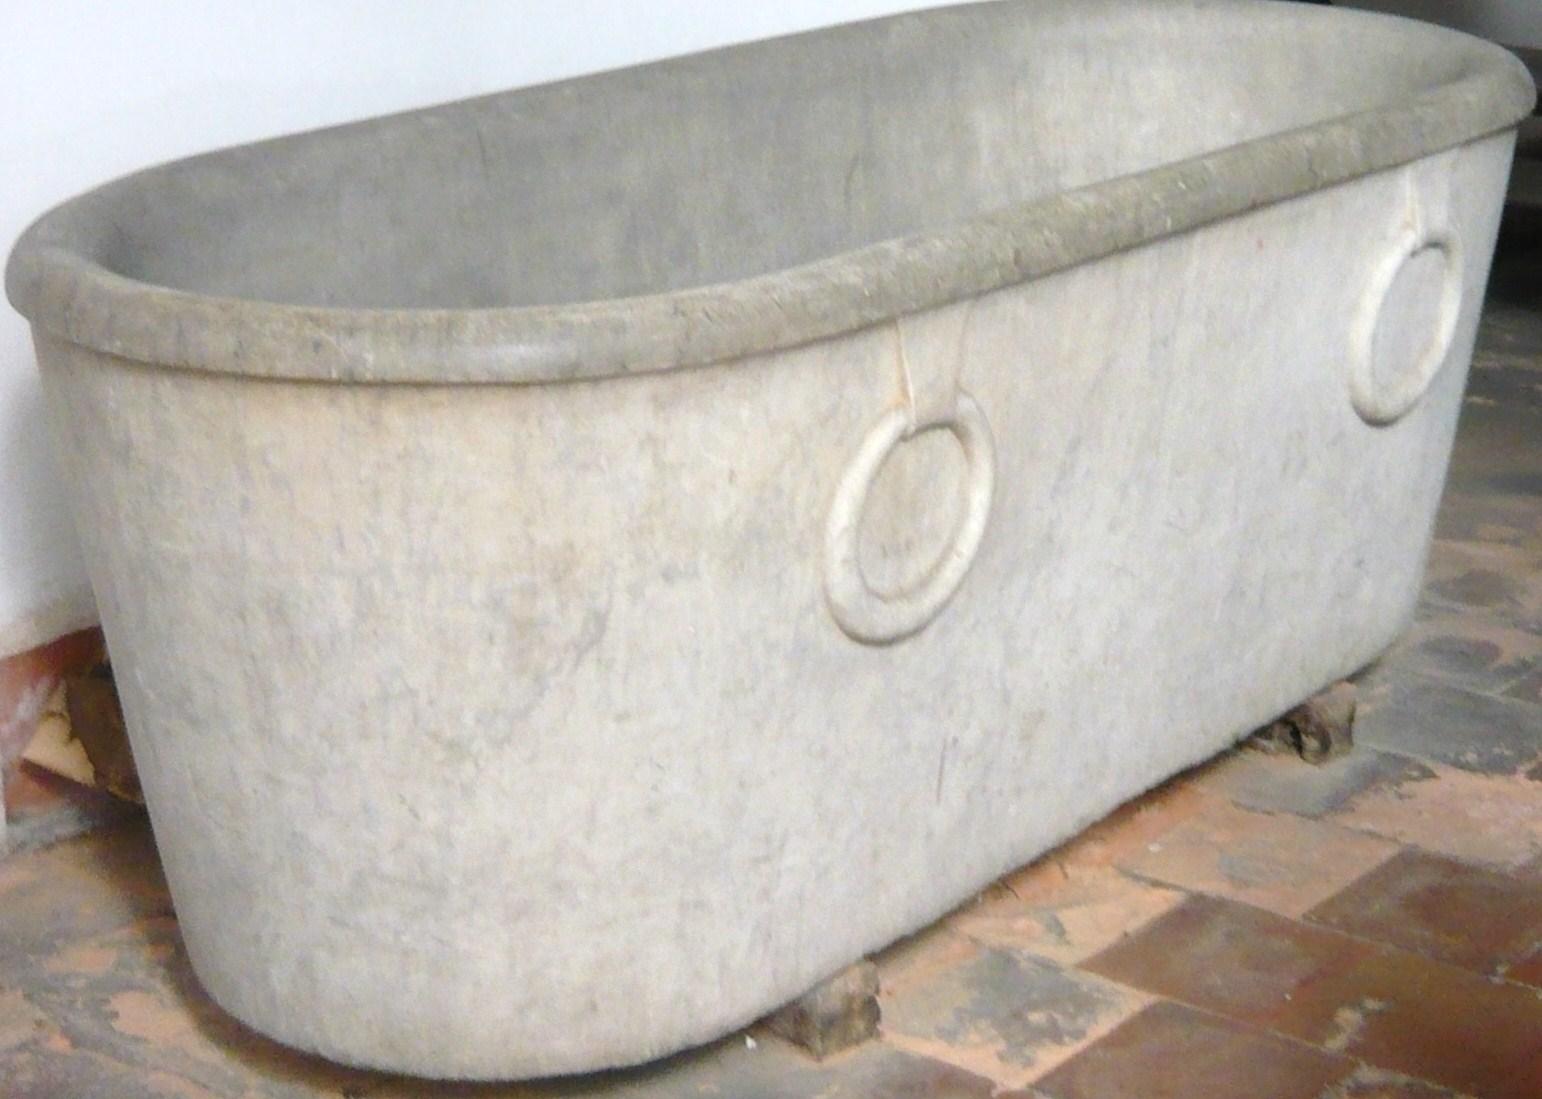 Tinas De Baño De Concreto:de los nuevos negros, de las tantas que tenían era llenar la tina